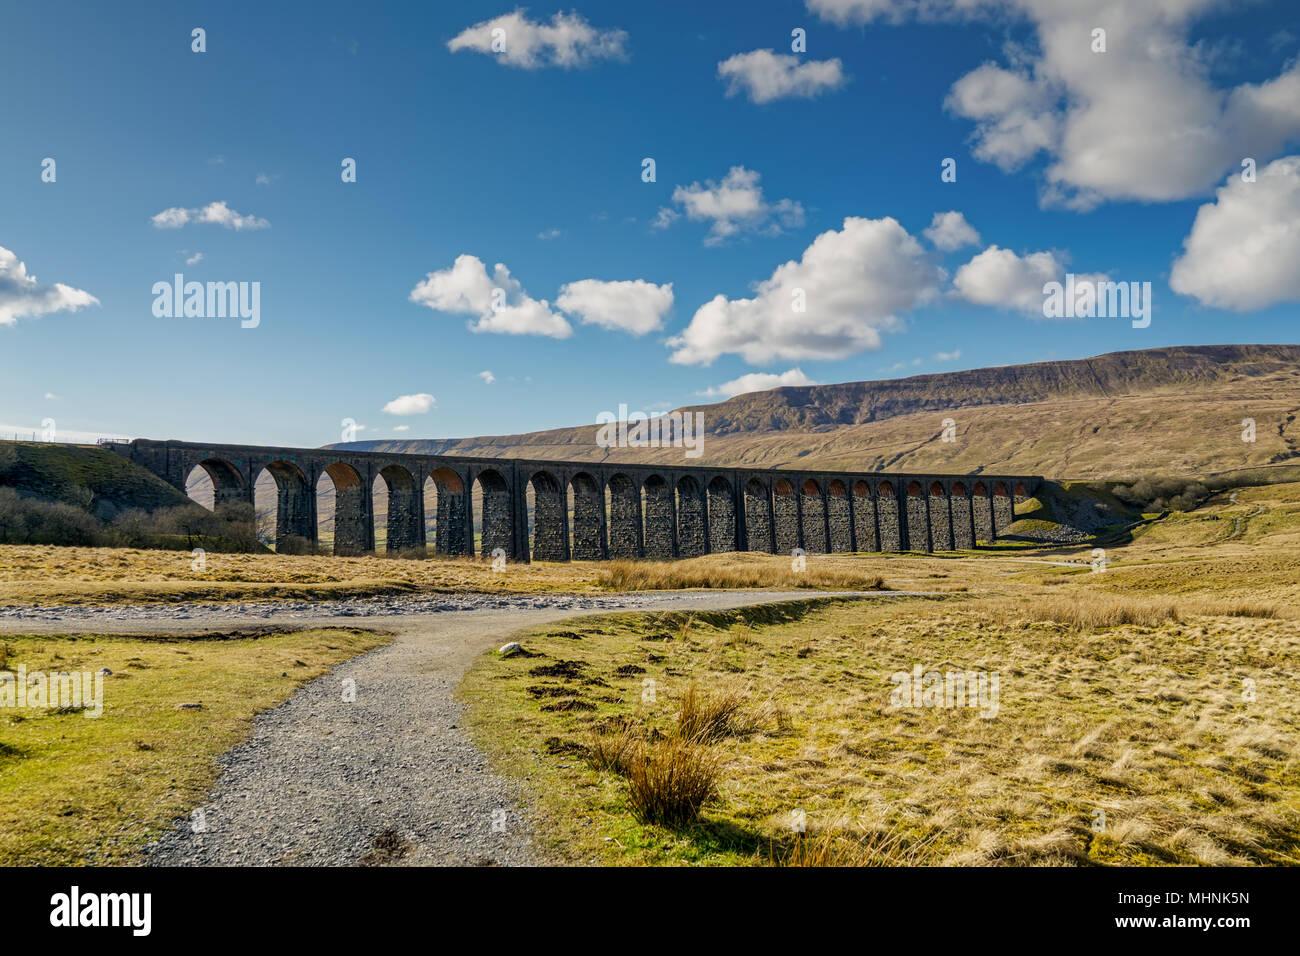 Une vue lointaine du viaduc Ribblehead, lors d'une journée ensoleillée Photo Stock